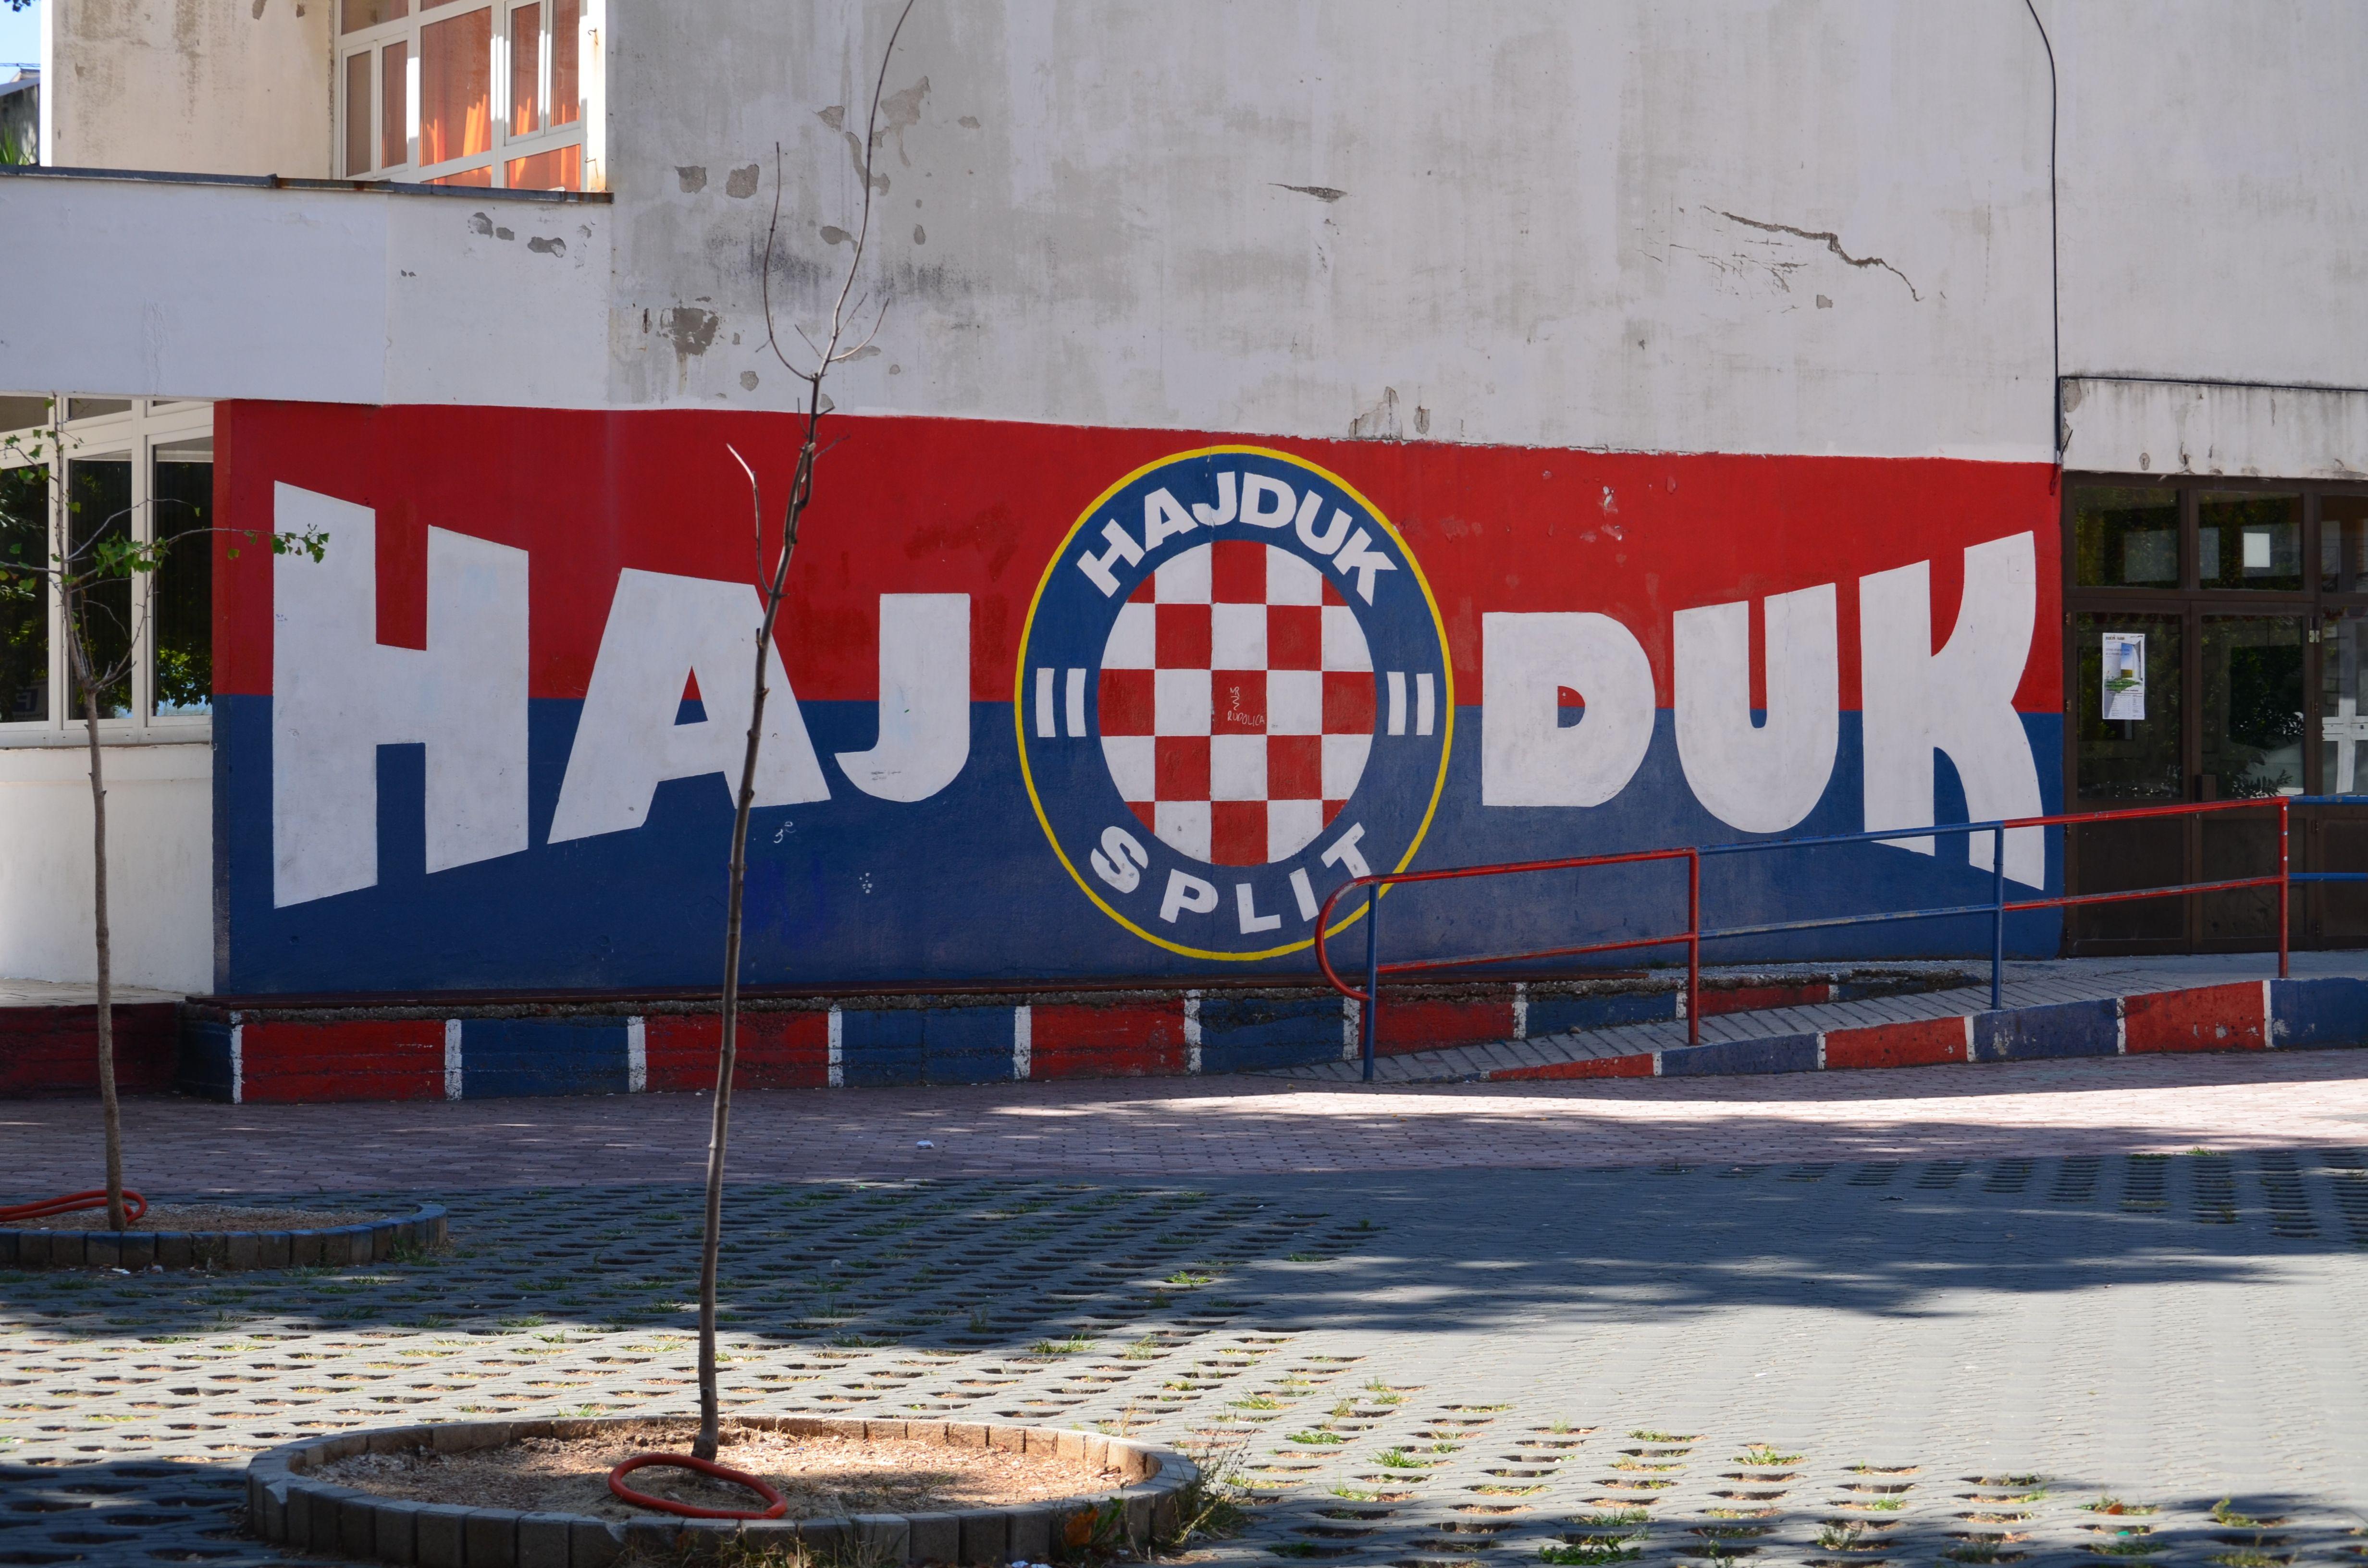 Hajduk Split Hnk Hajduk Split Splits Split Croatia